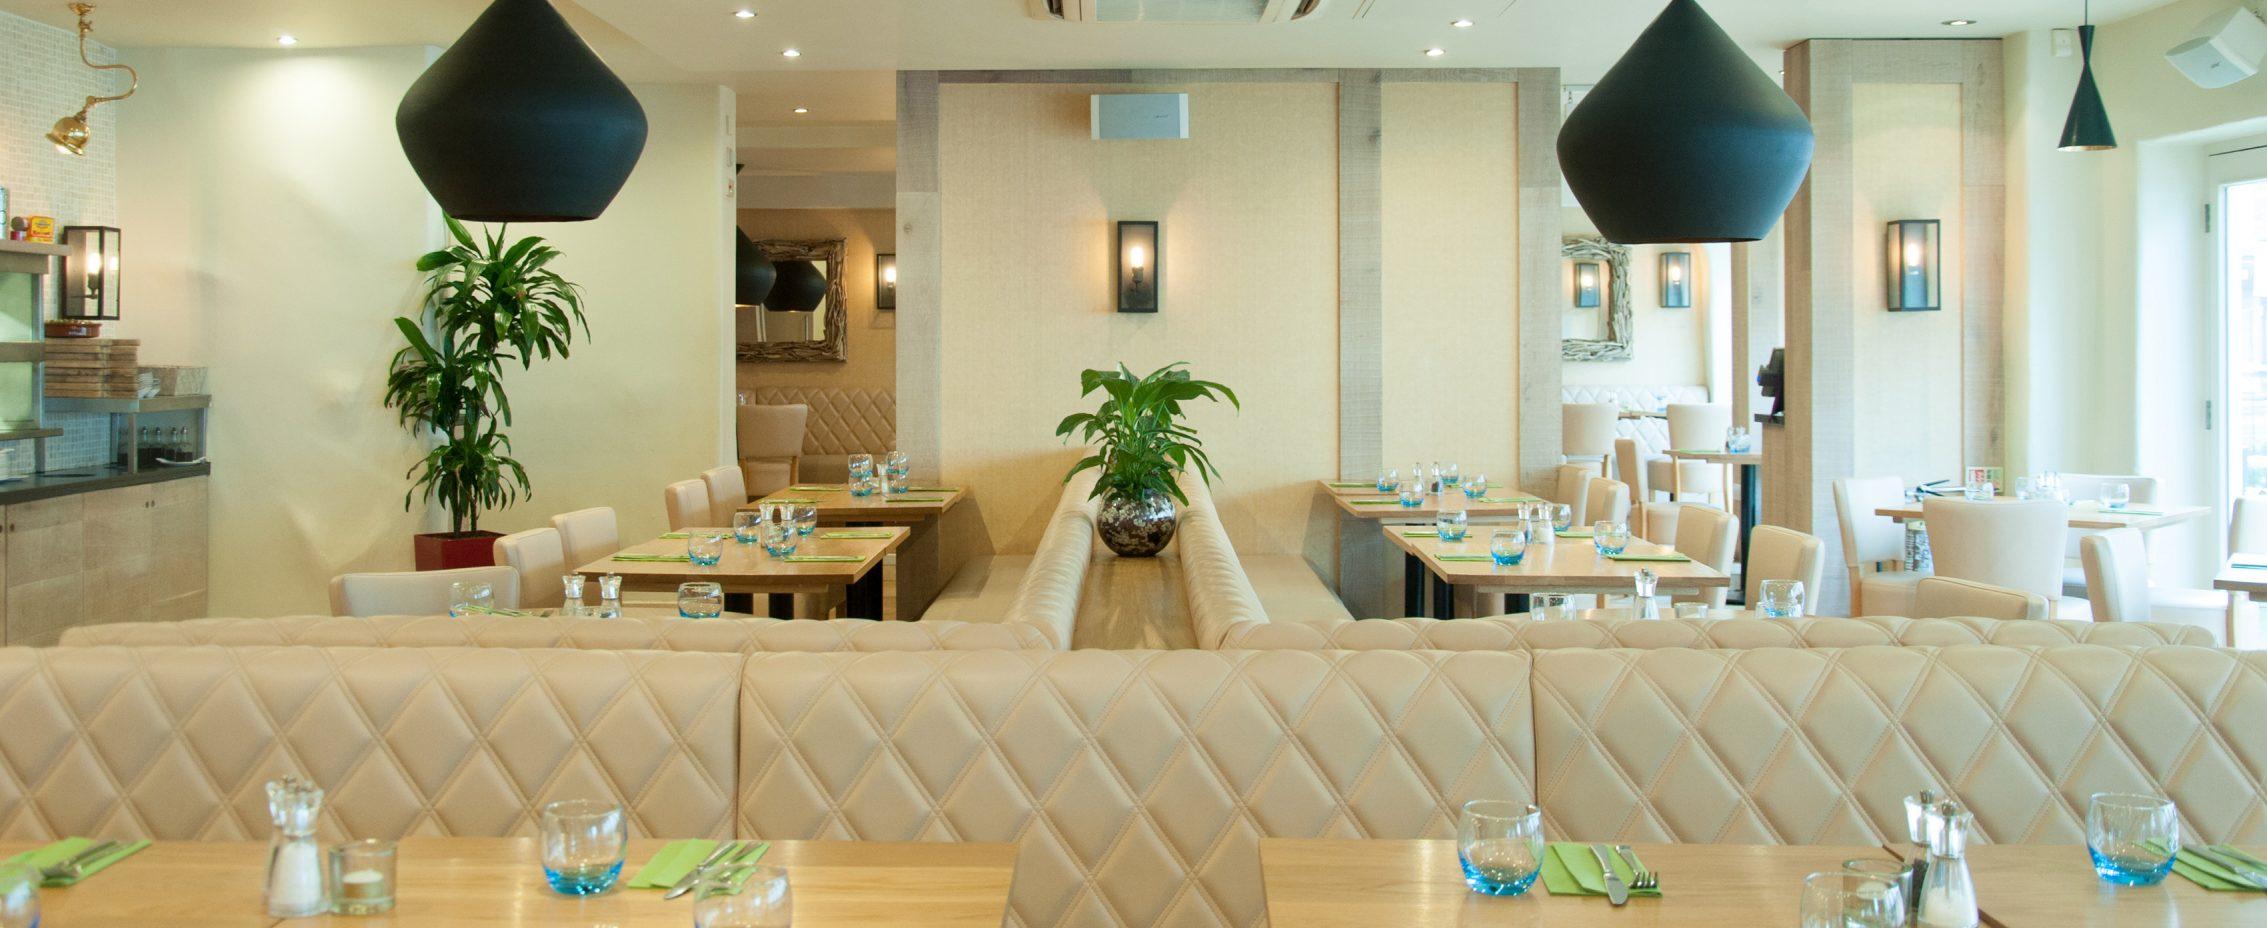 Ego Mediterranean Restaurant Lytham